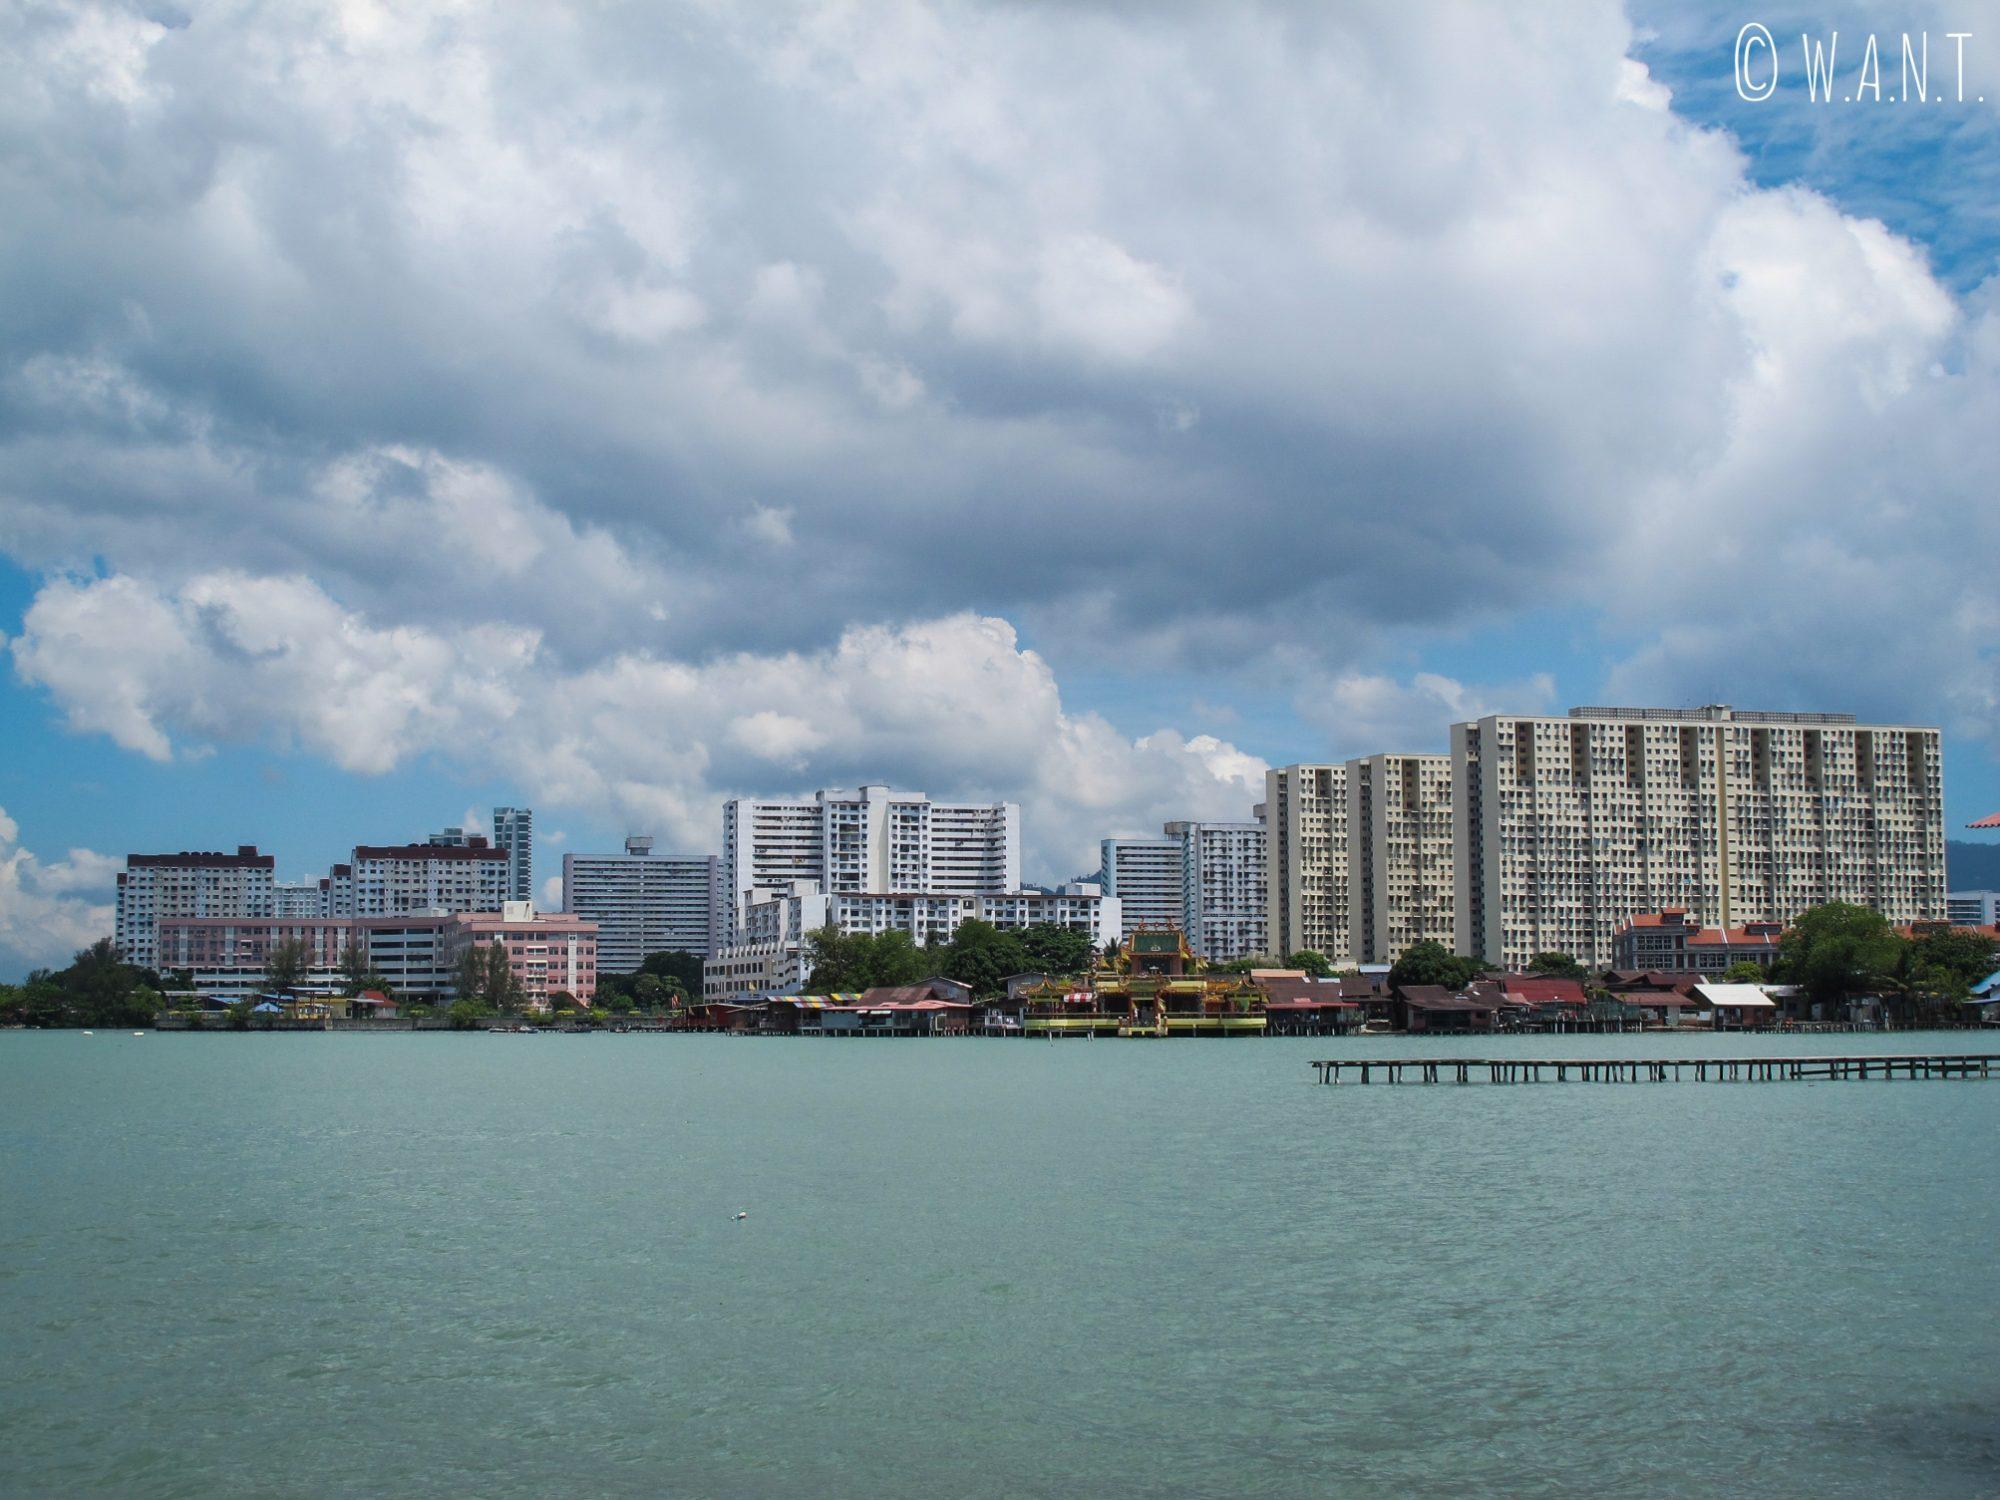 Depuis Chew jetty, il est impressionnant d'admirer les contrastes d'architecture de l'île de Penang